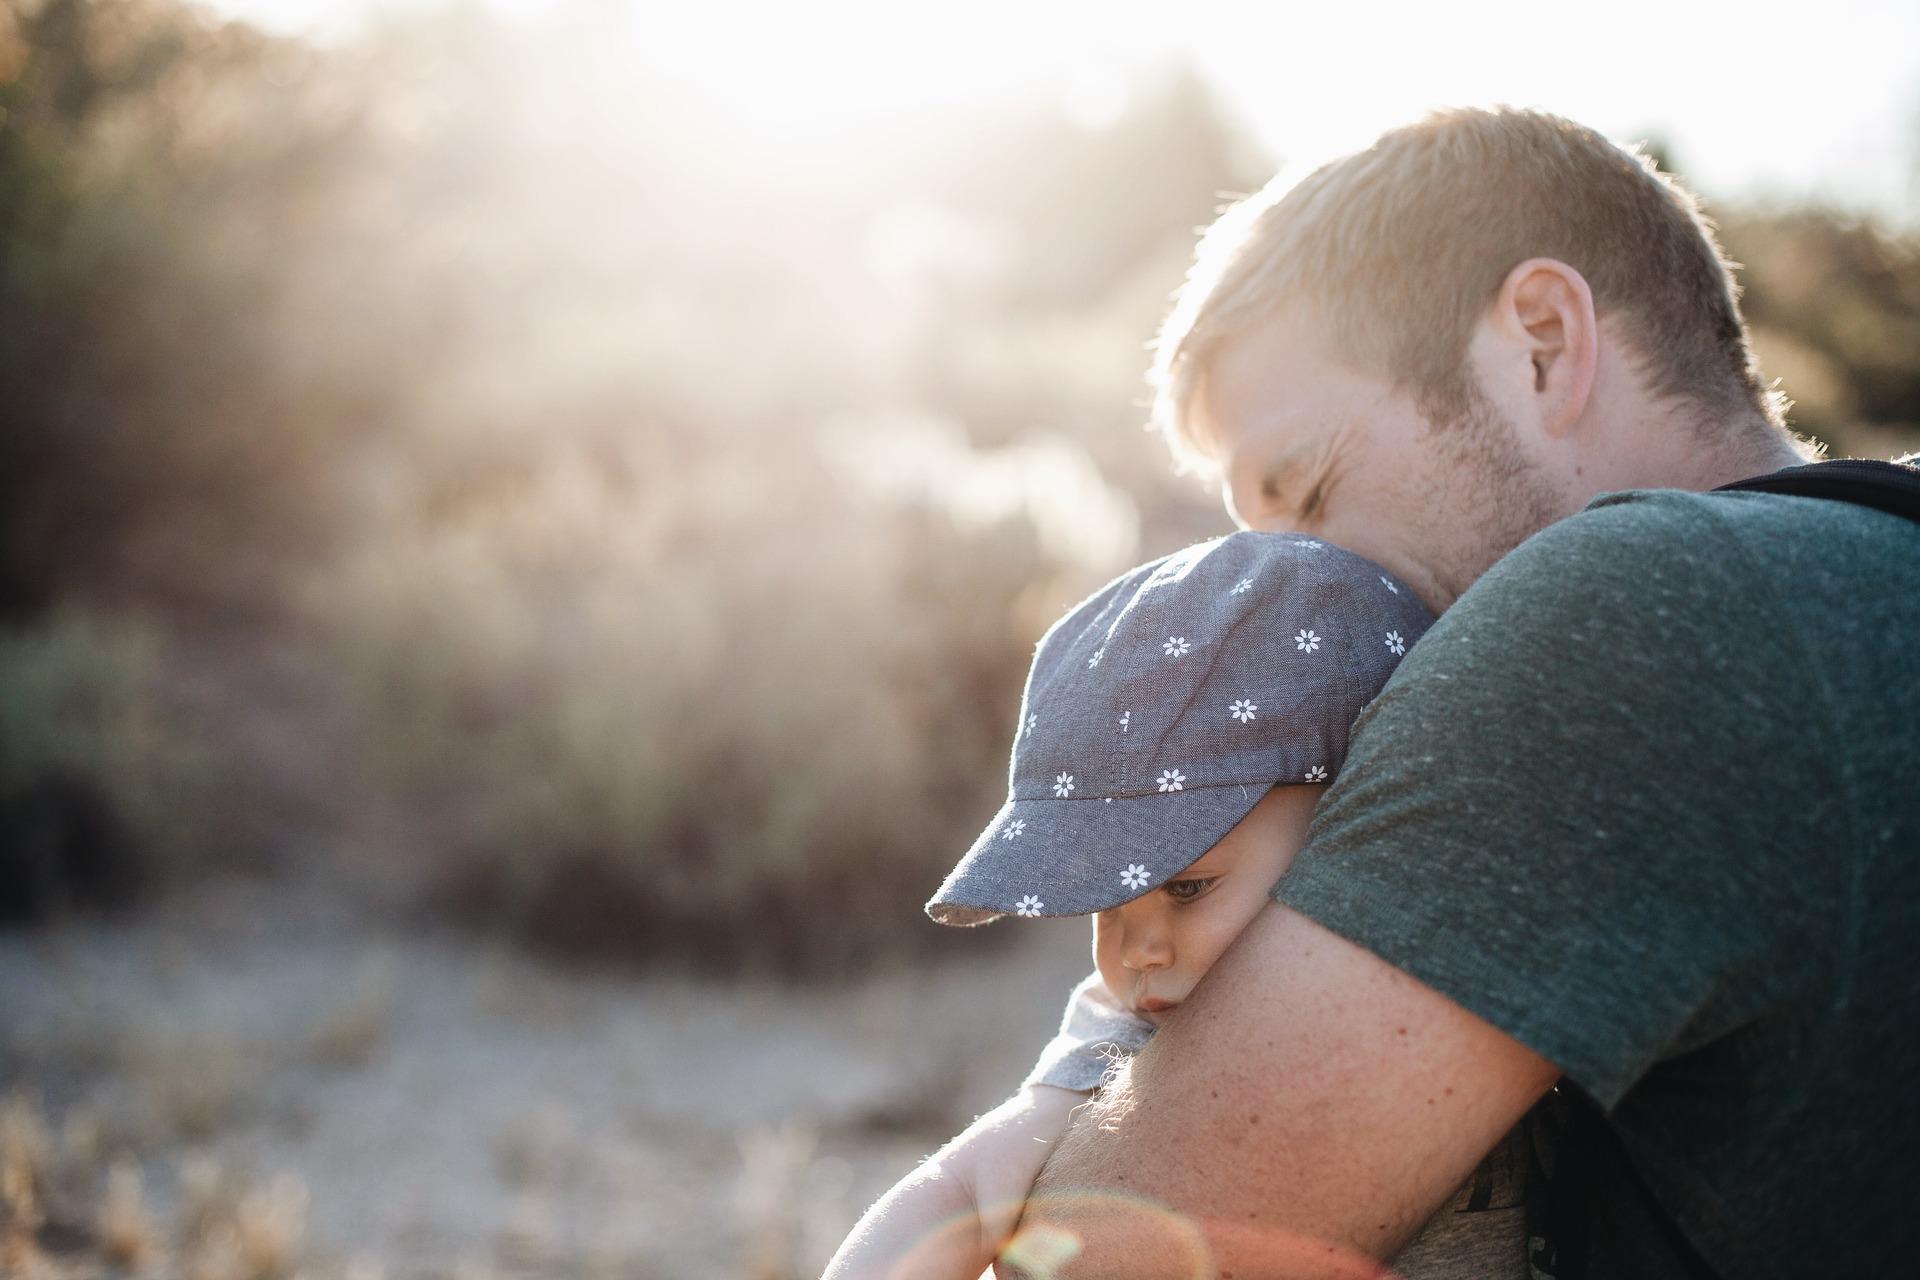 Tri osnovne odgojne metode - roditelj kao uzor, učitelj ili motivator